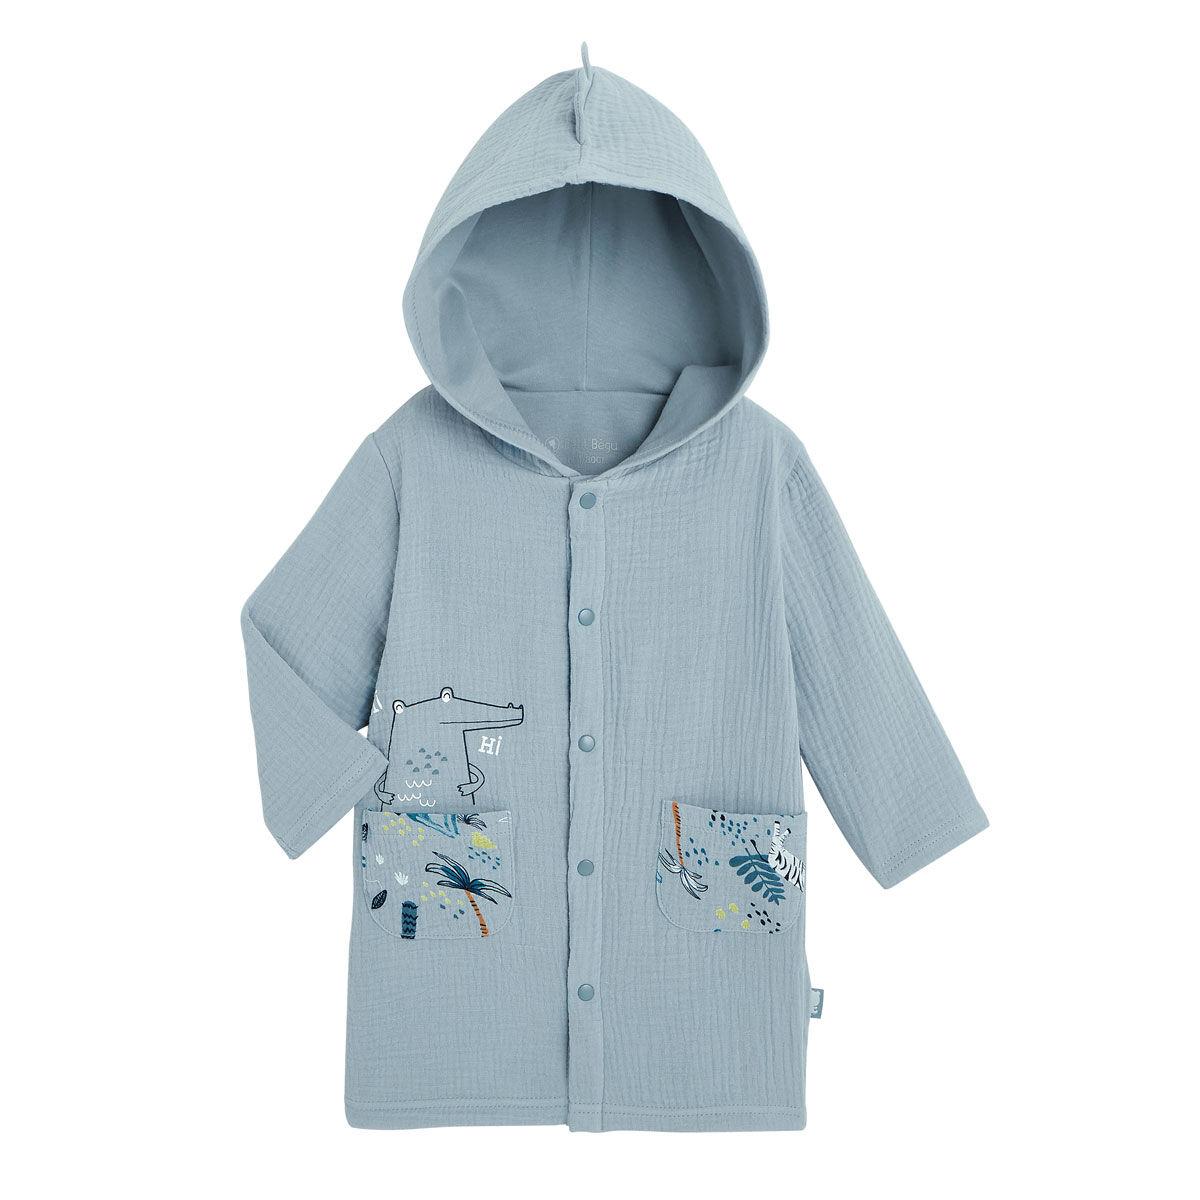 Petit Béguin Robe de chambre doublée bébé garçon Croco Jungle - Taille - 24 mois